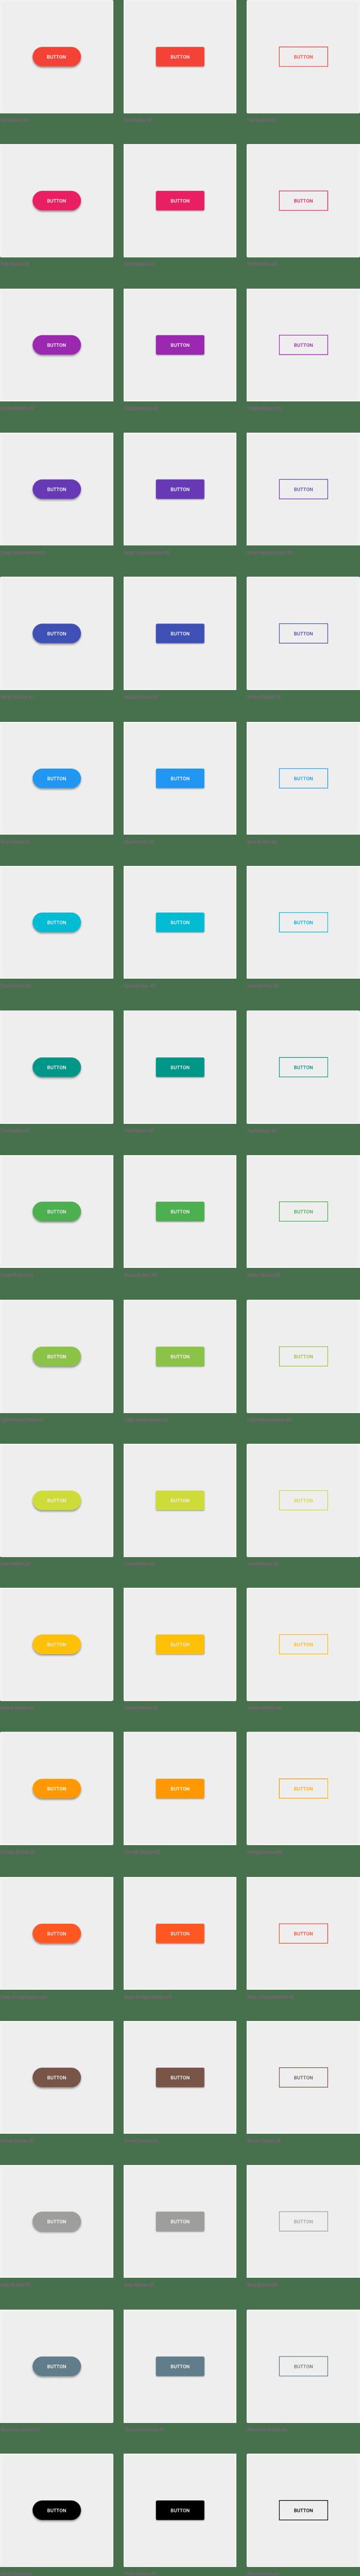 divi_components_buttons-01